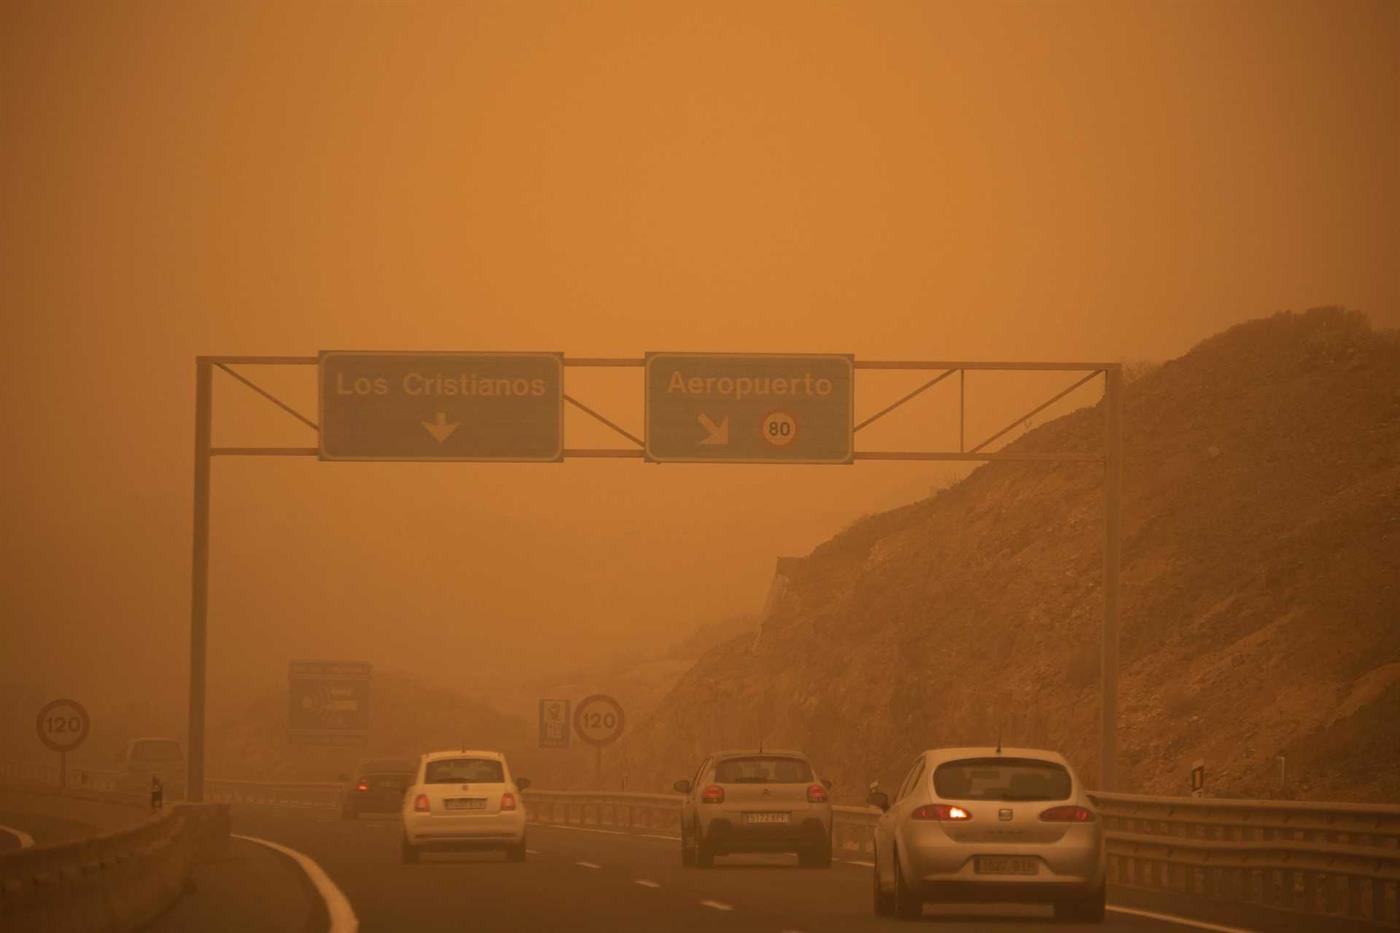 Estradas com pouca visibilidade a caminho do Aeoporto Reina Sofia, em Tenerife